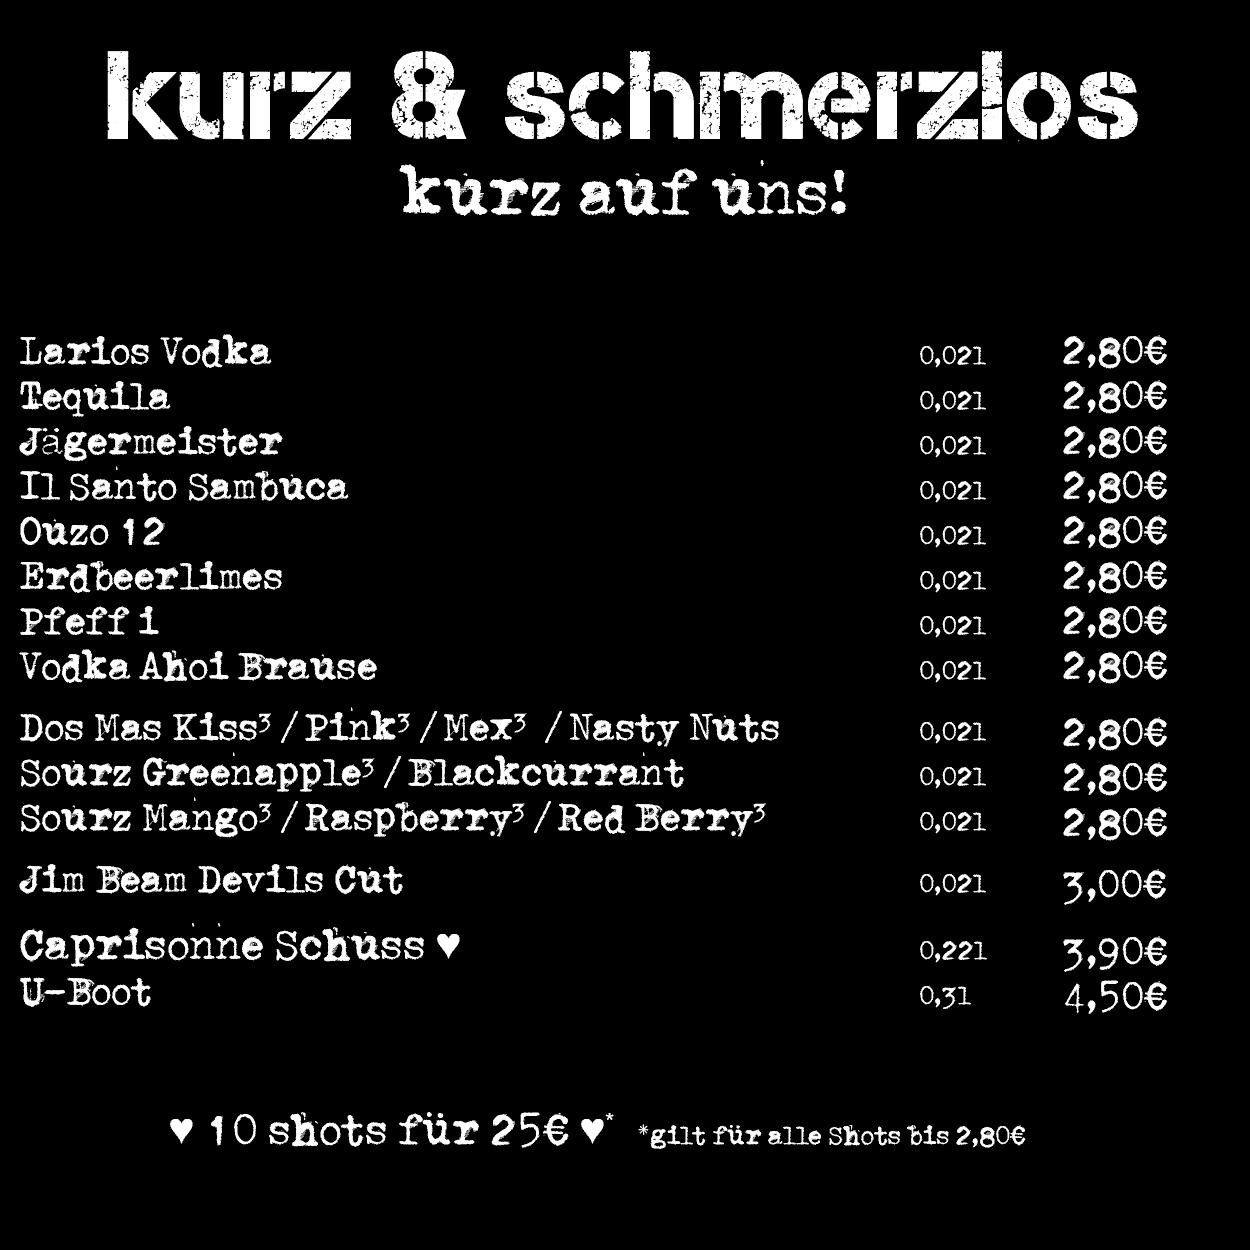 kurz-002